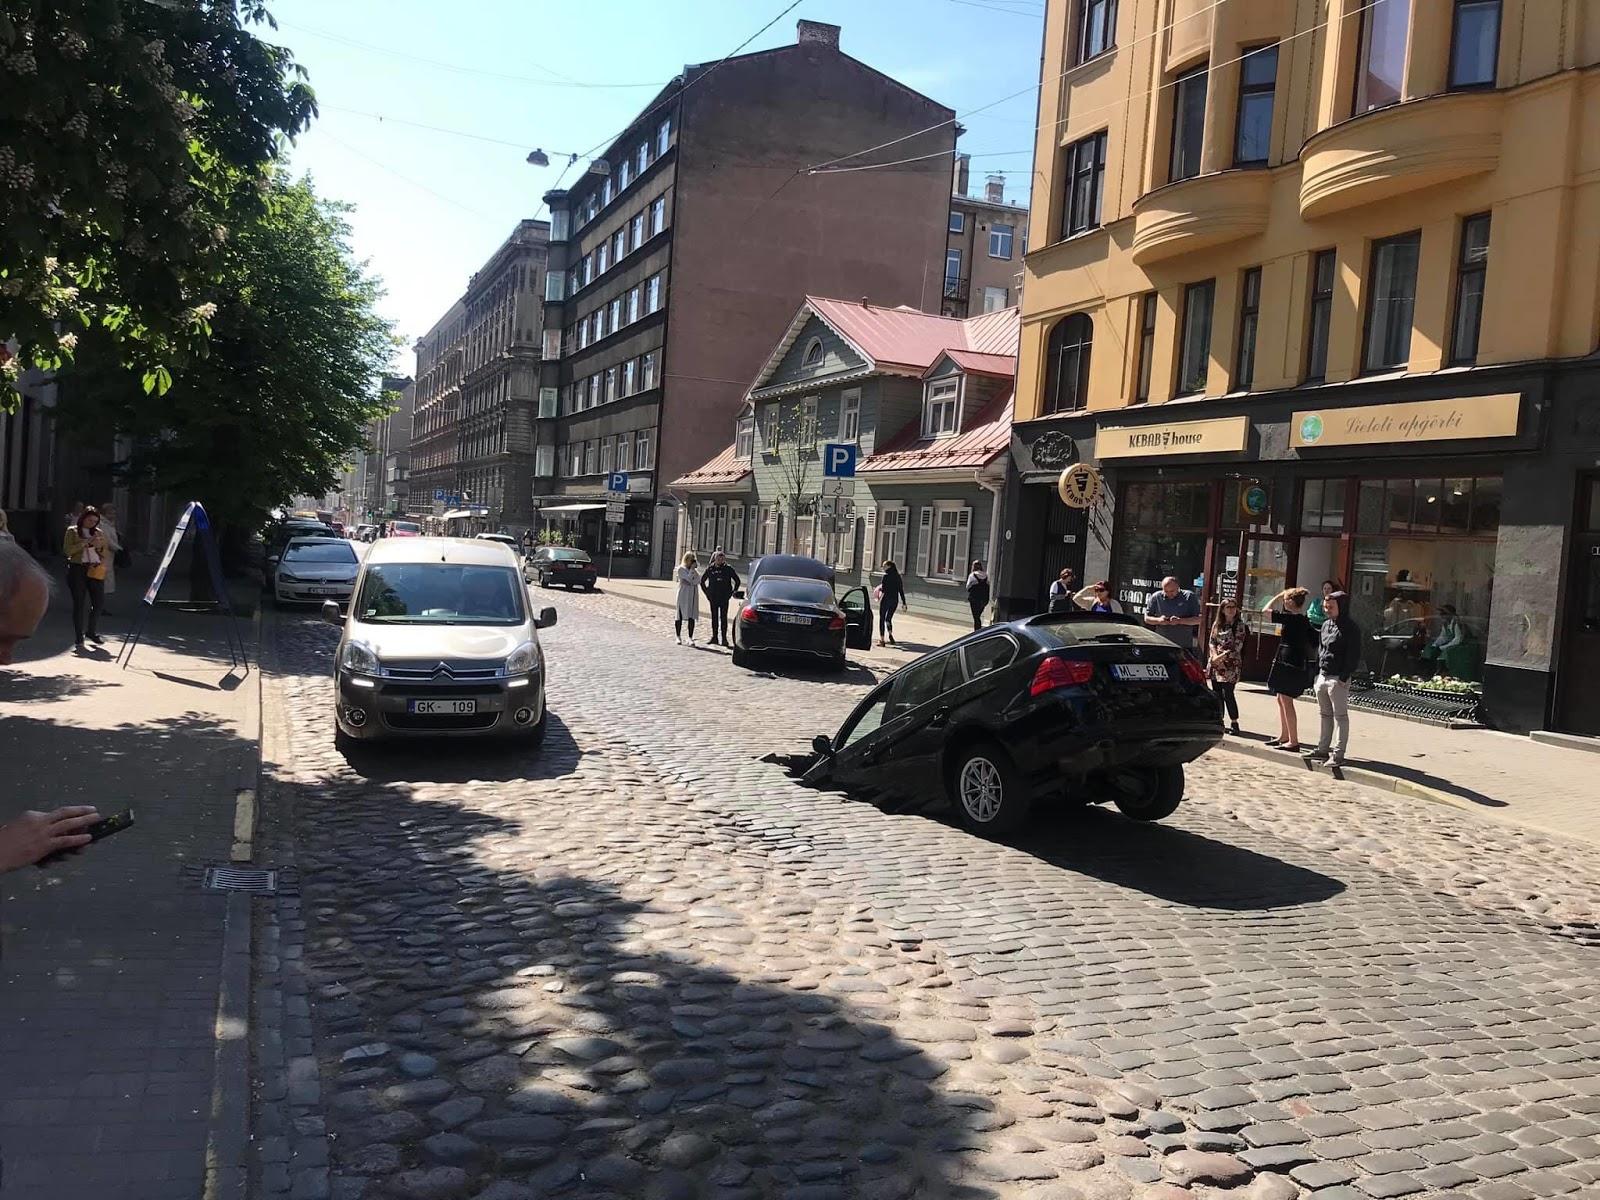 Bruģēta iela ar bedri tās vidū un auto, kas tajā iebrauca